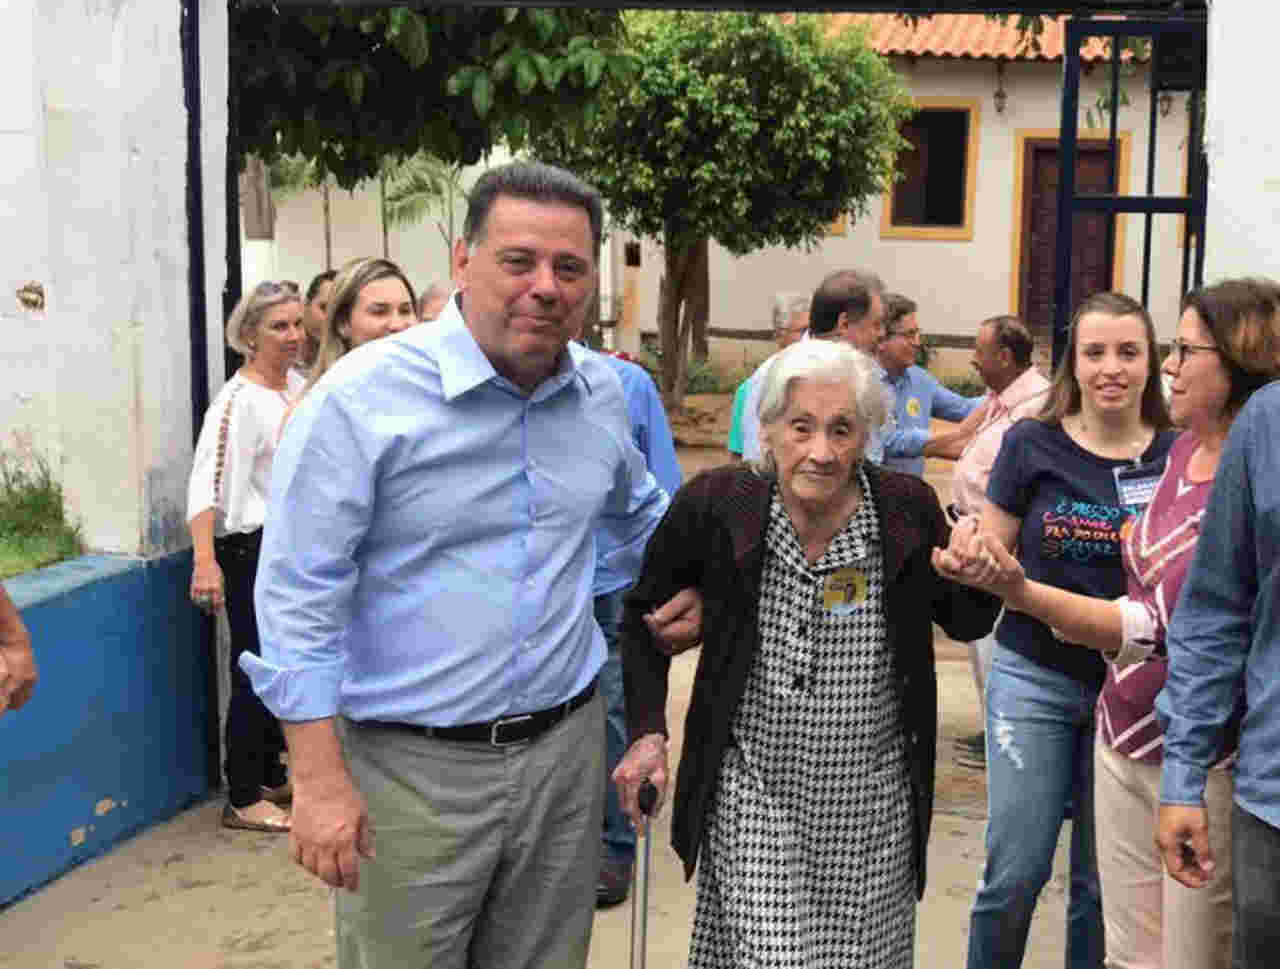 Marconi Perillo acompanhou a tia Comari Perillo, de 104 anos, até o local em que ela votou no último domingo, 7, em Palmeiras de Goiás | Foto: Divulgação